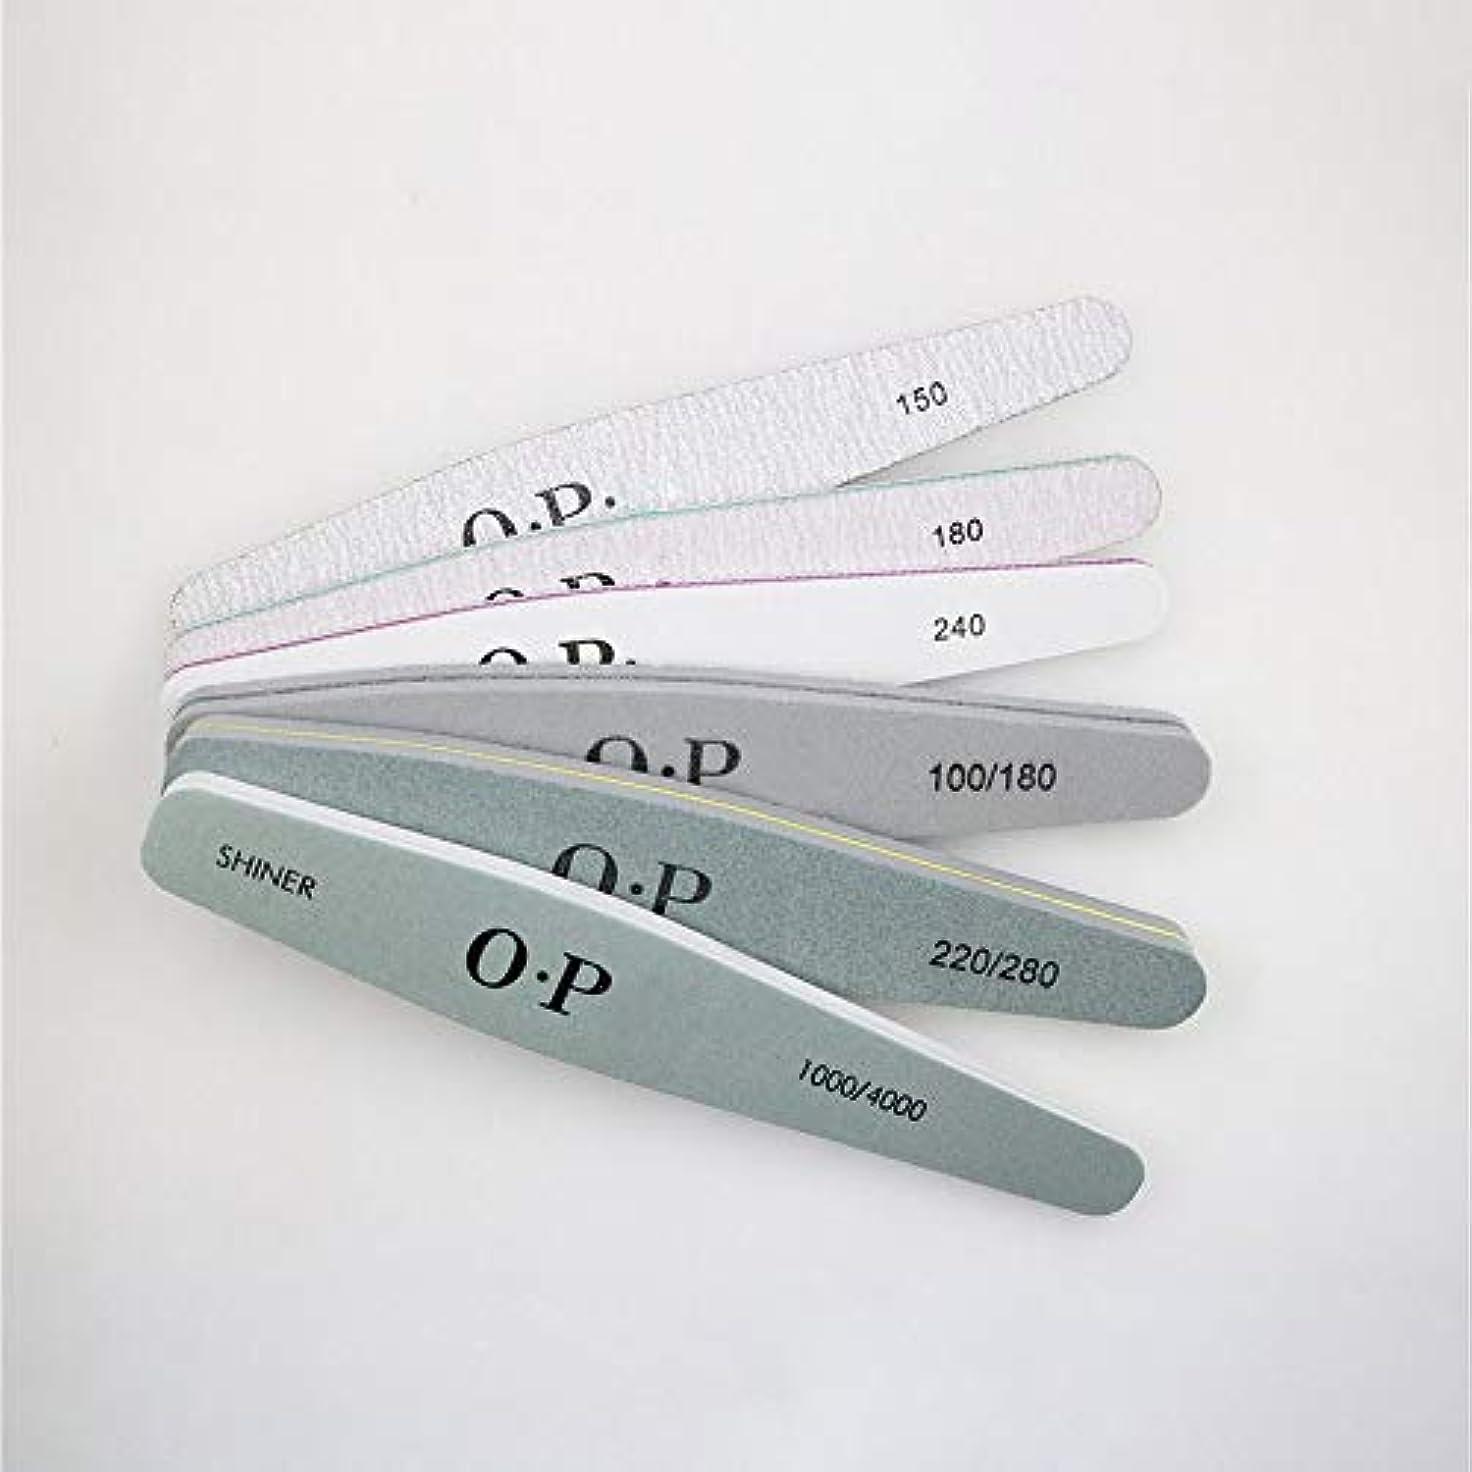 窒素タービン飼料爪やすり ジェルネイルファイル プロネイルバッファー 爪磨き ソフトファイル 両面使える (6本セット )